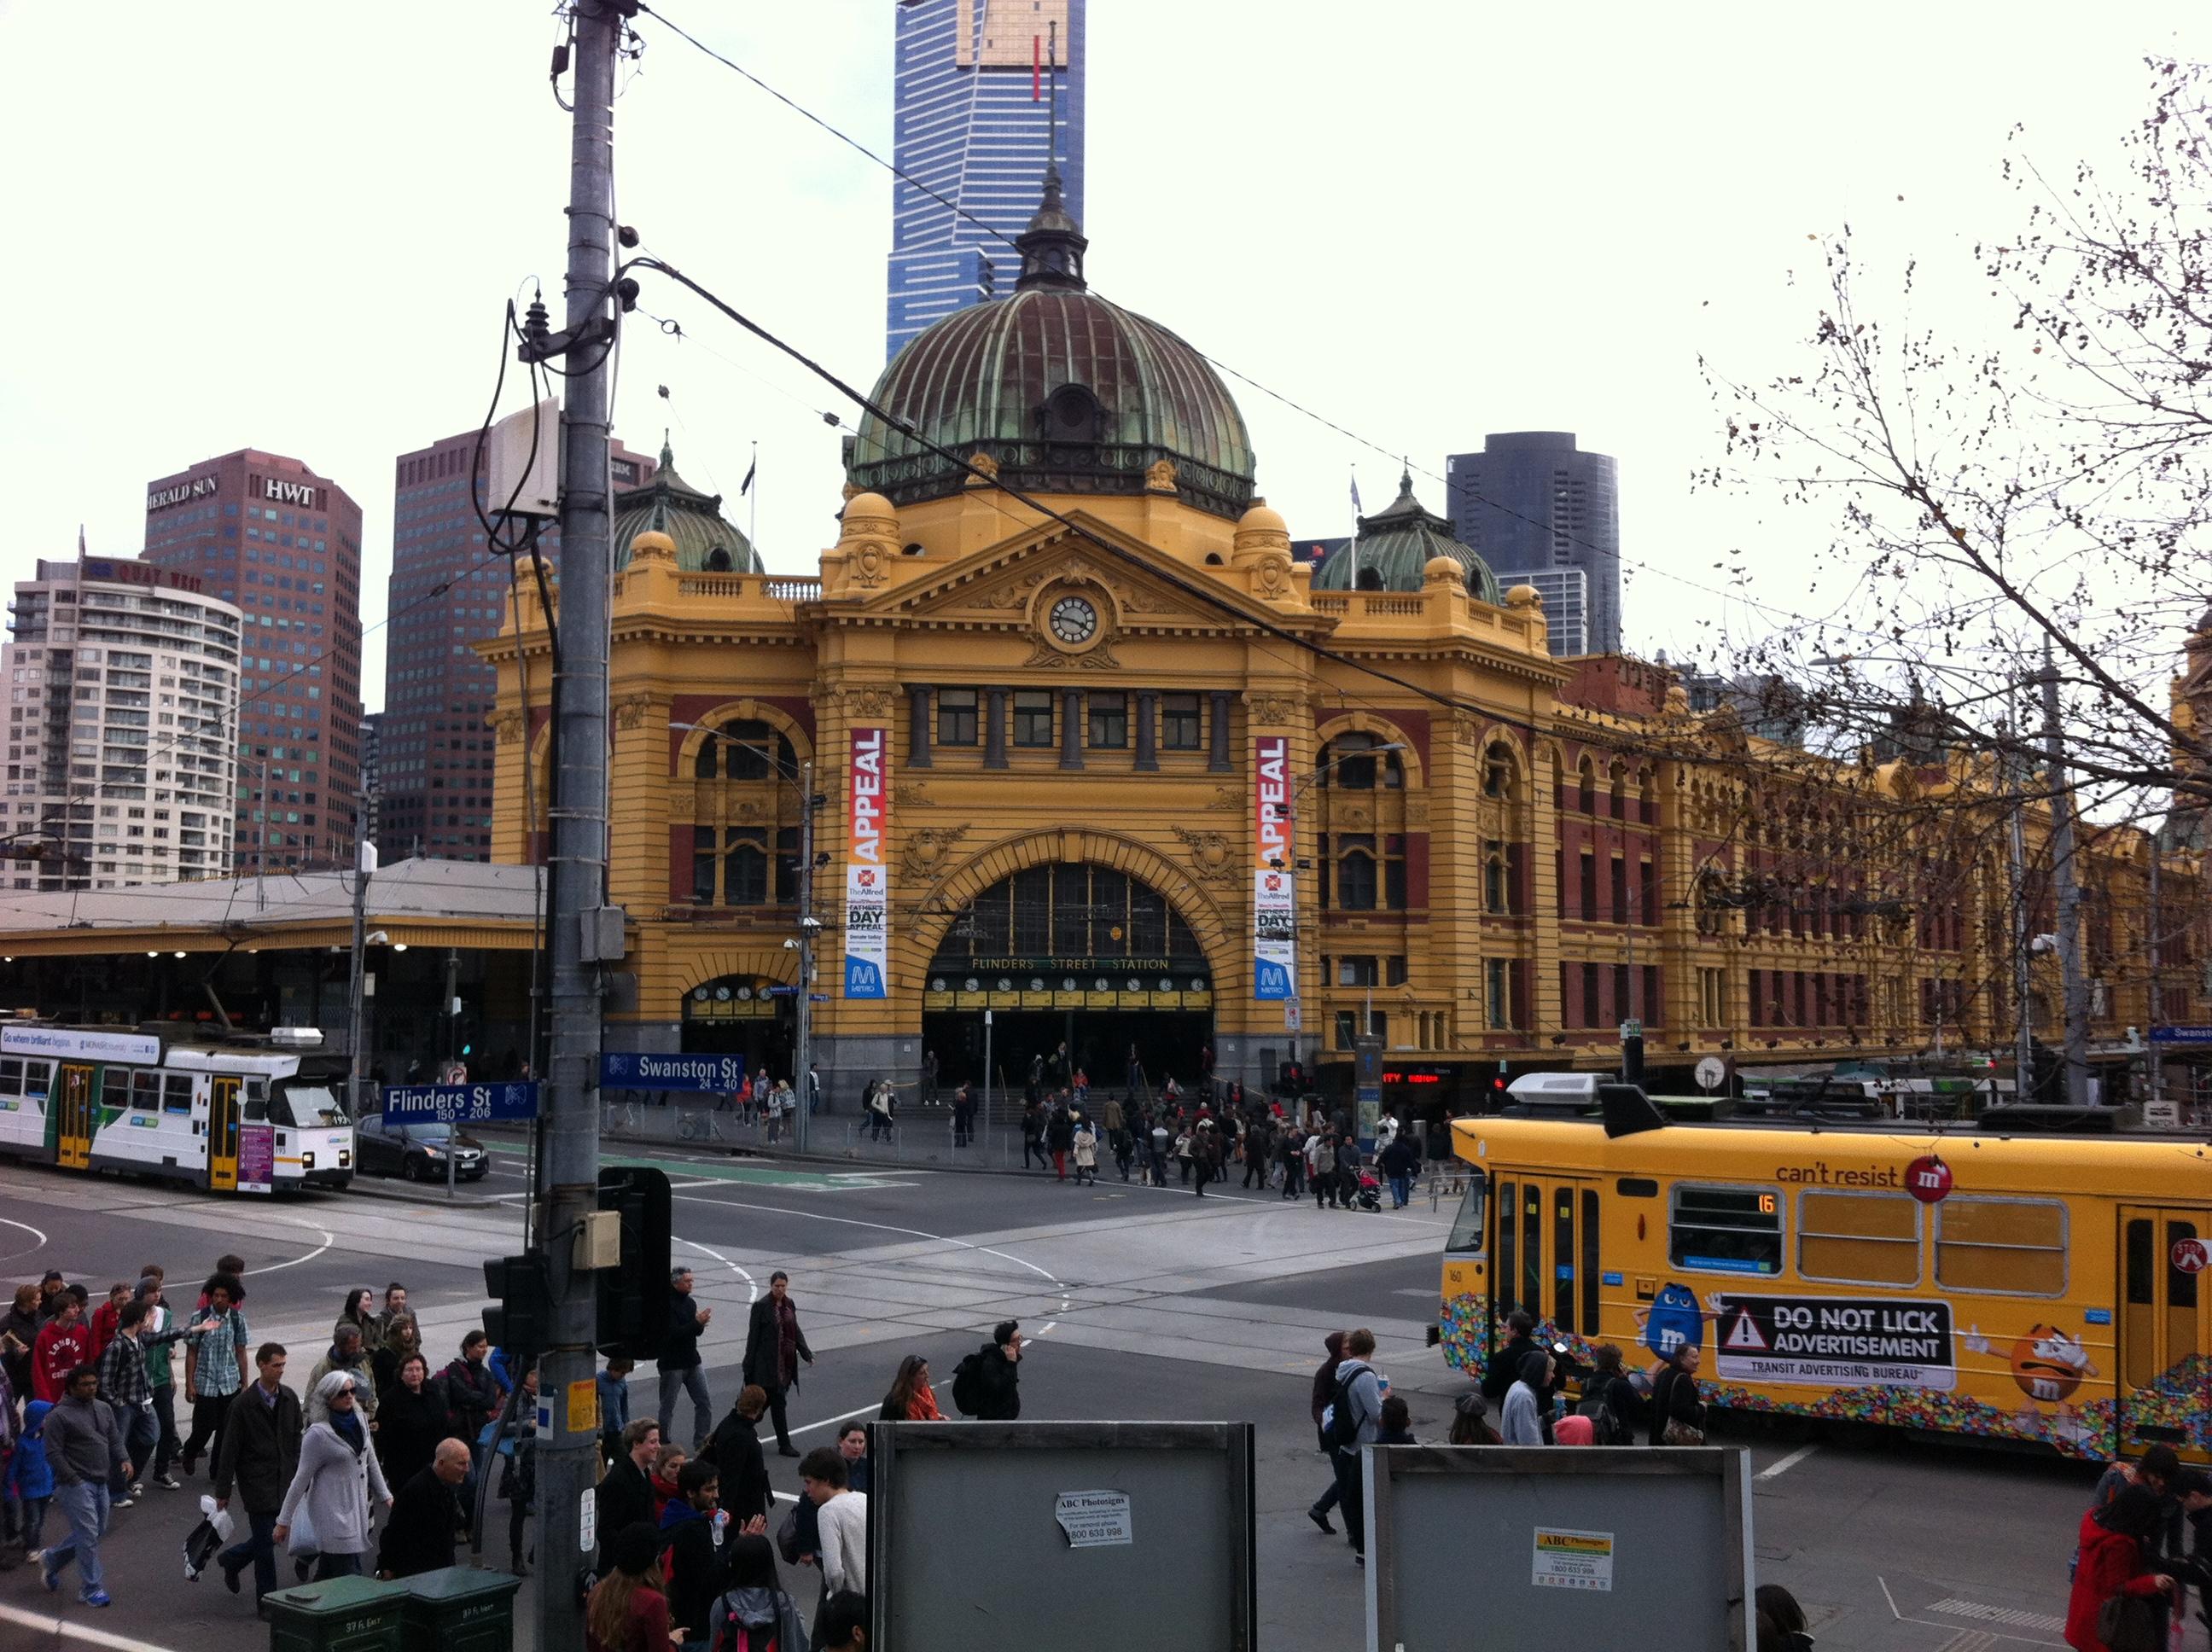 Flinders_Street_Station,_Melbourne,_Australia